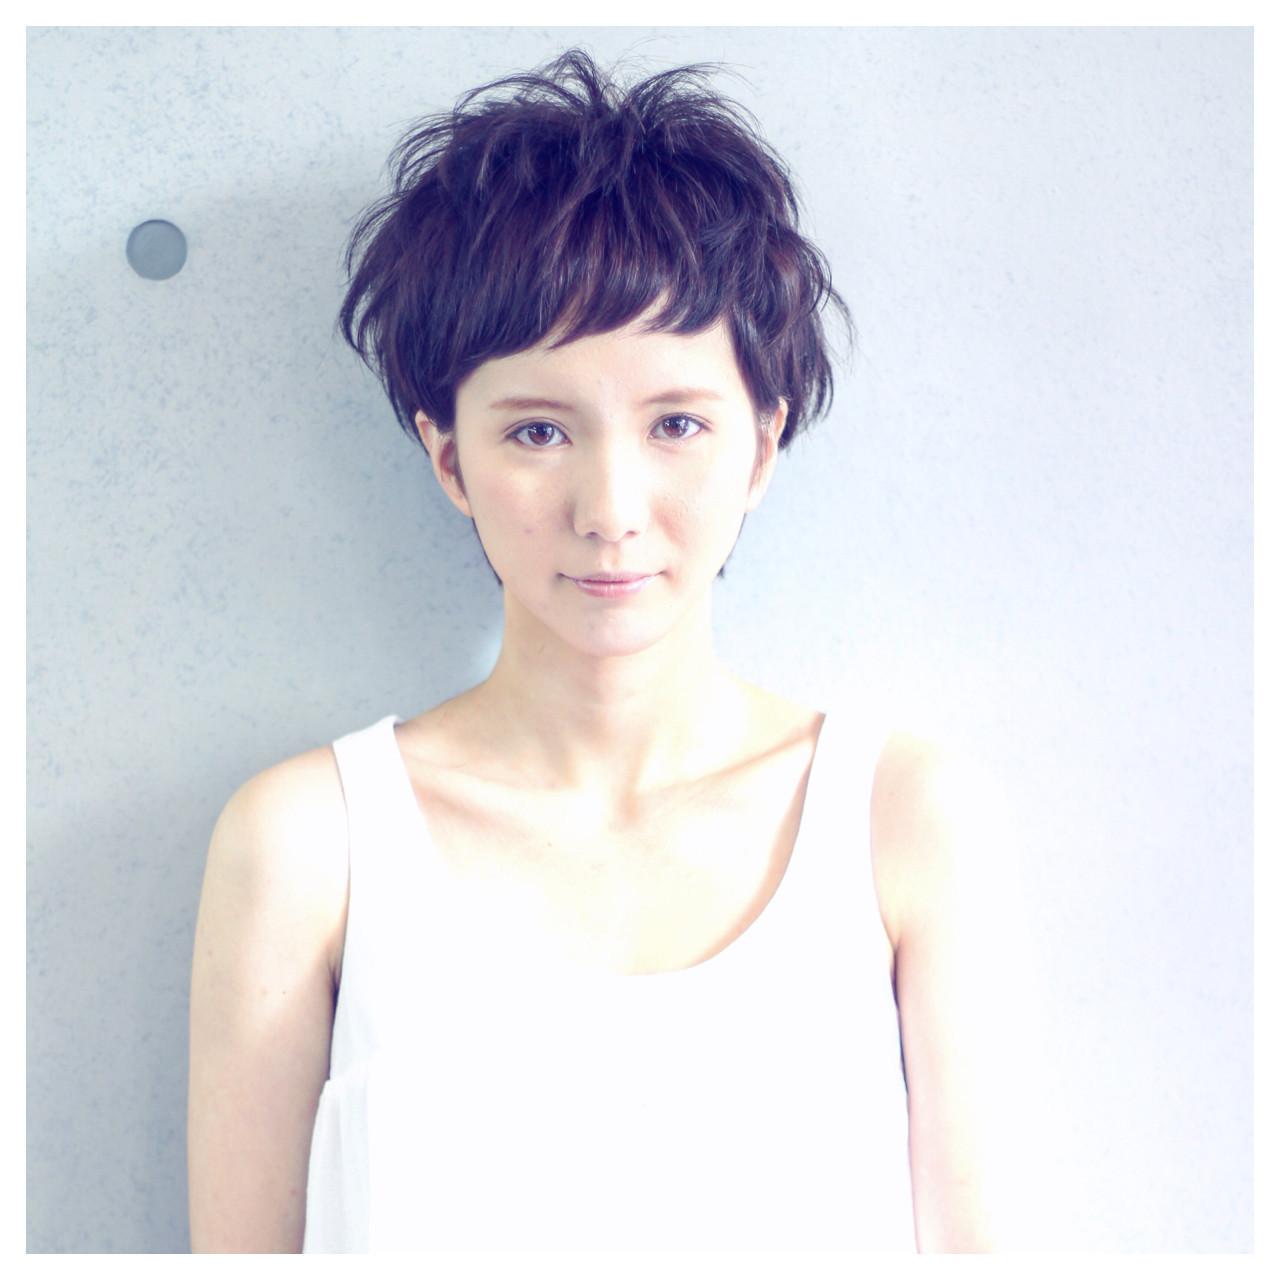 夏 ナチュラル ピュア 春 ヘアスタイルや髪型の写真・画像